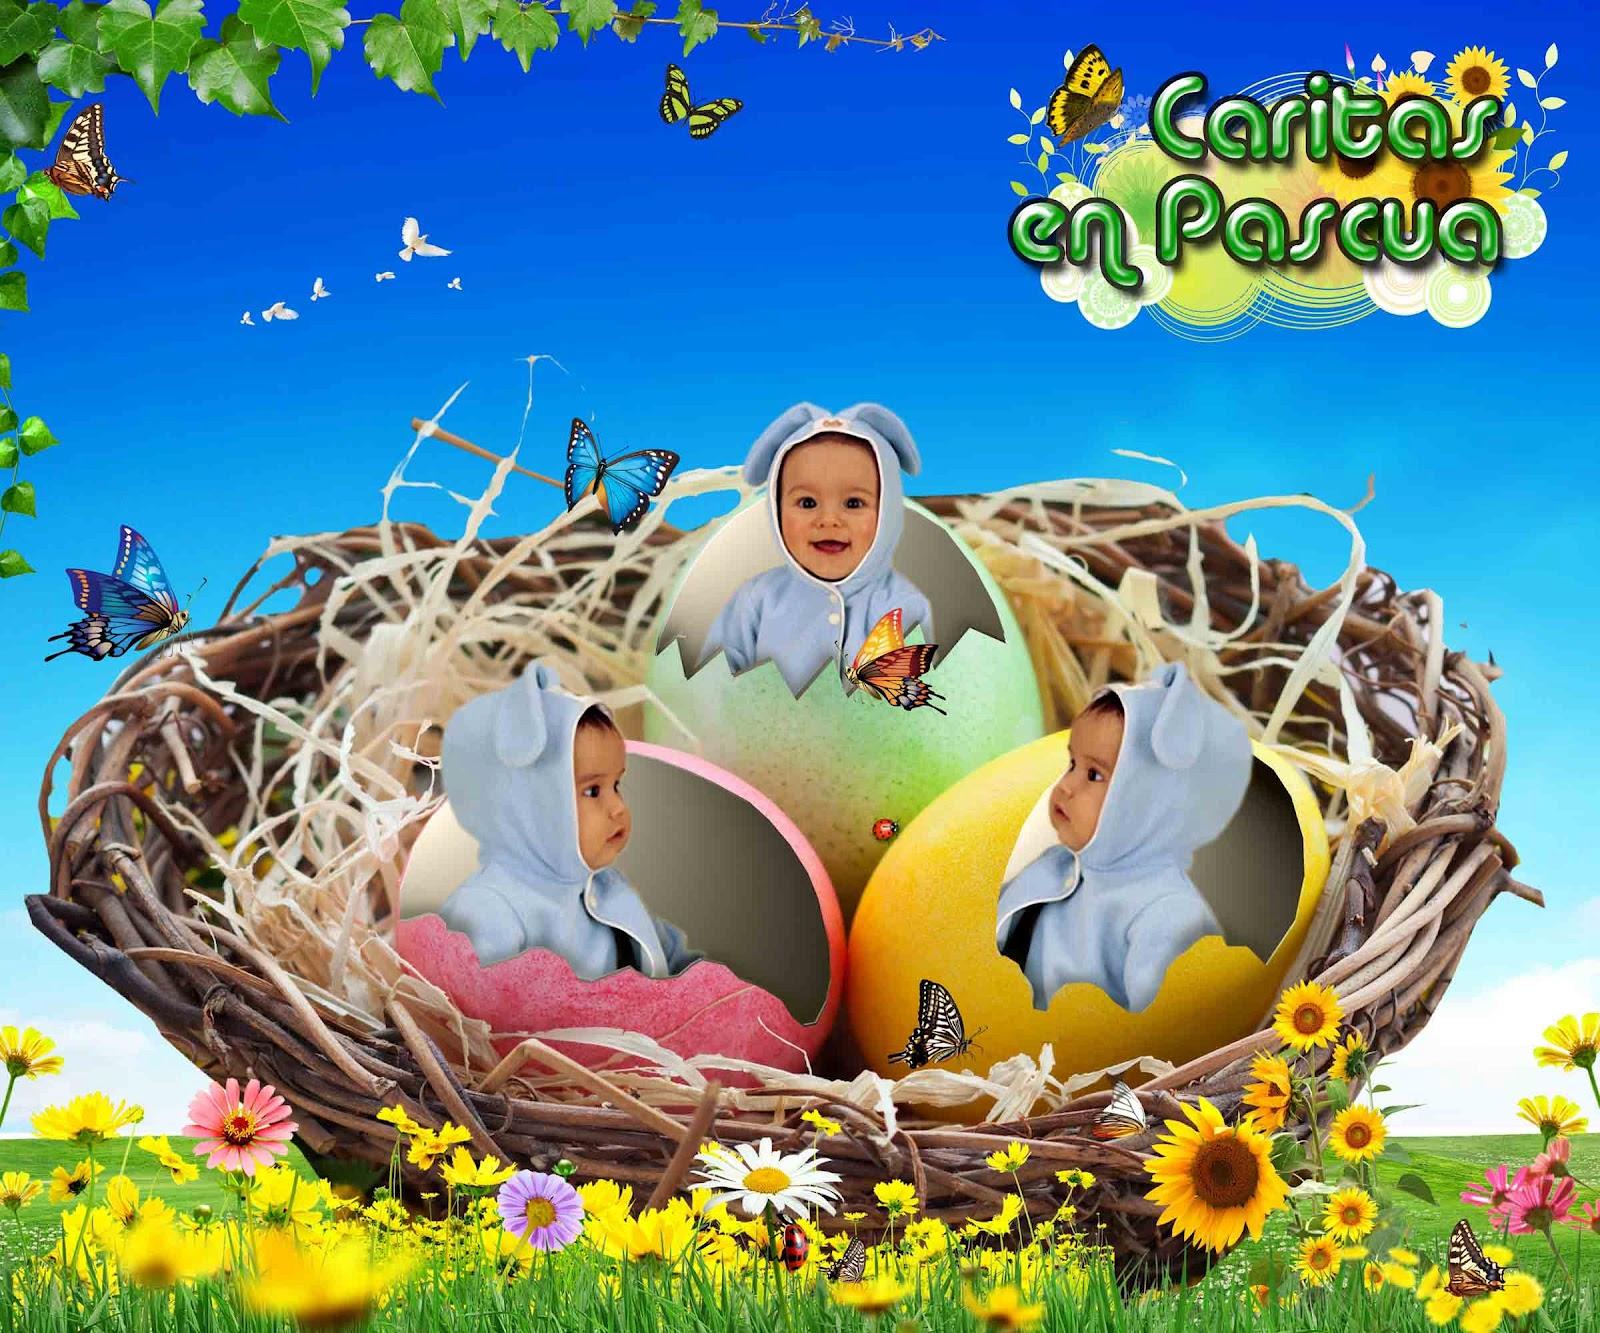 Caritas para Pascua - **El blog del diseñador descargar